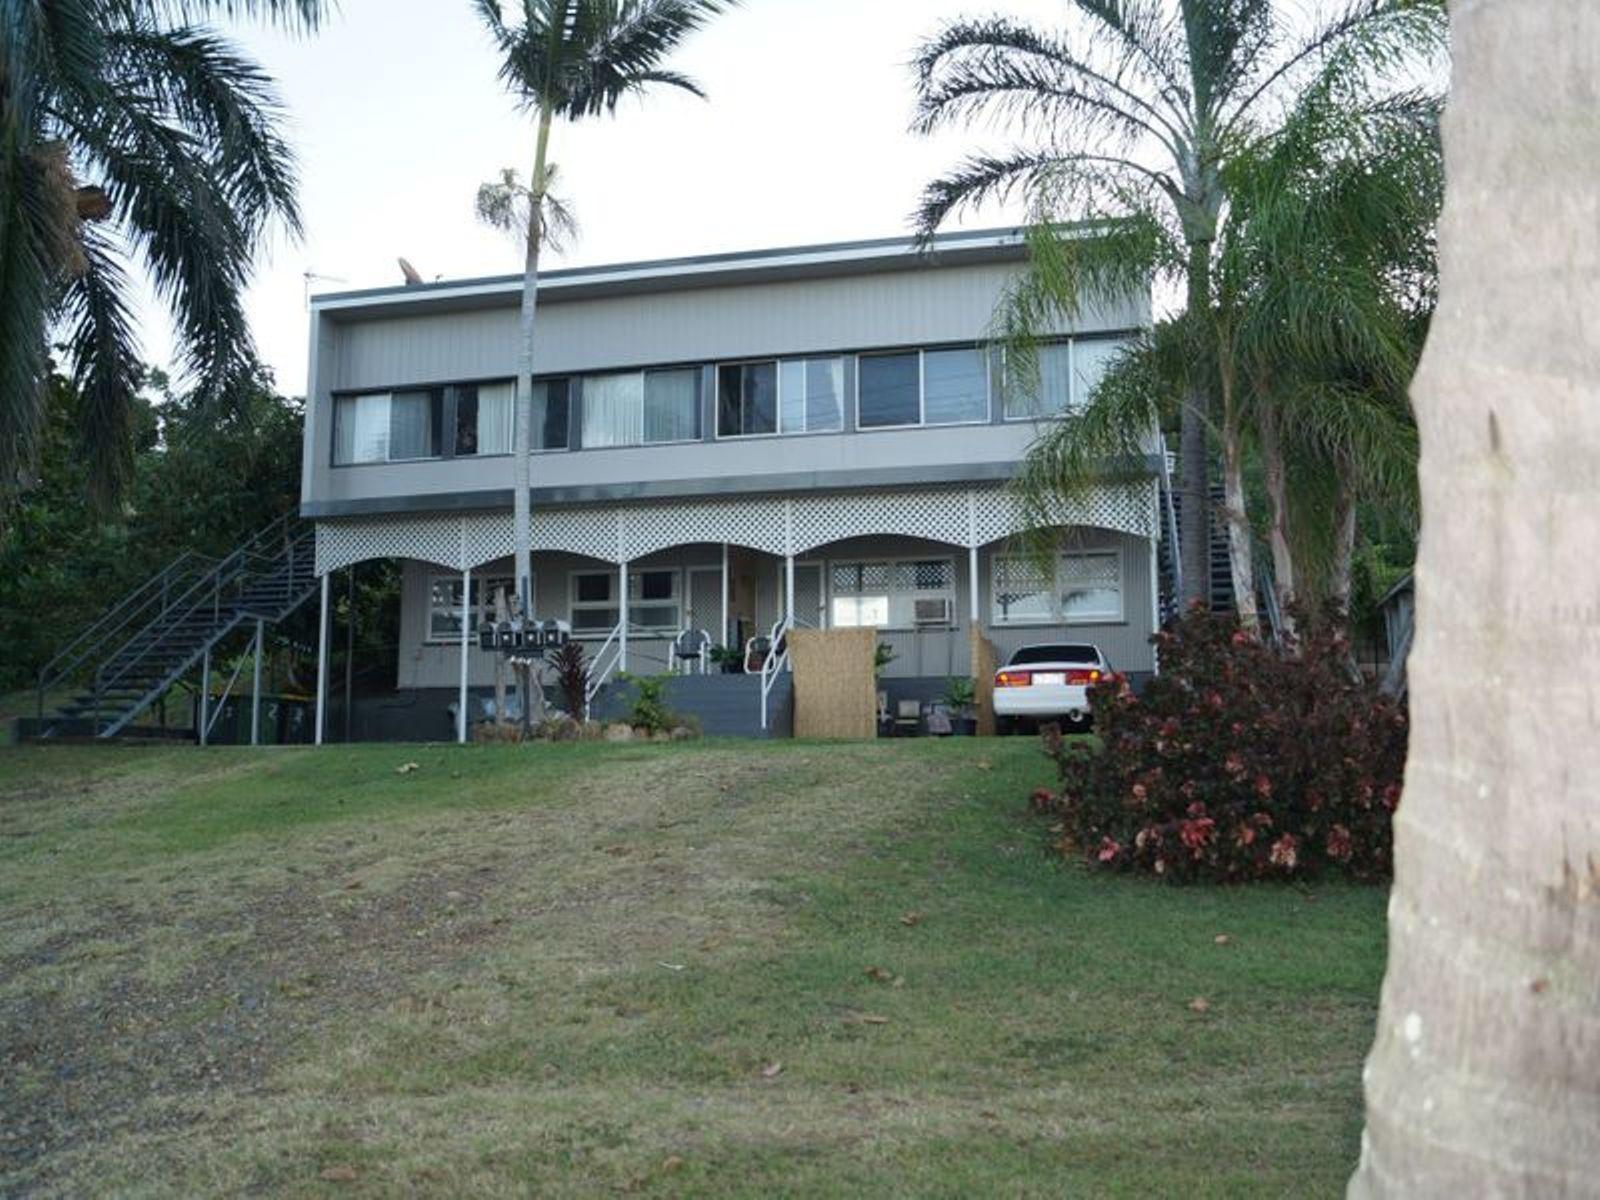 1,2,3,4/50 Farnborough Road, Yeppoon, QLD 4703